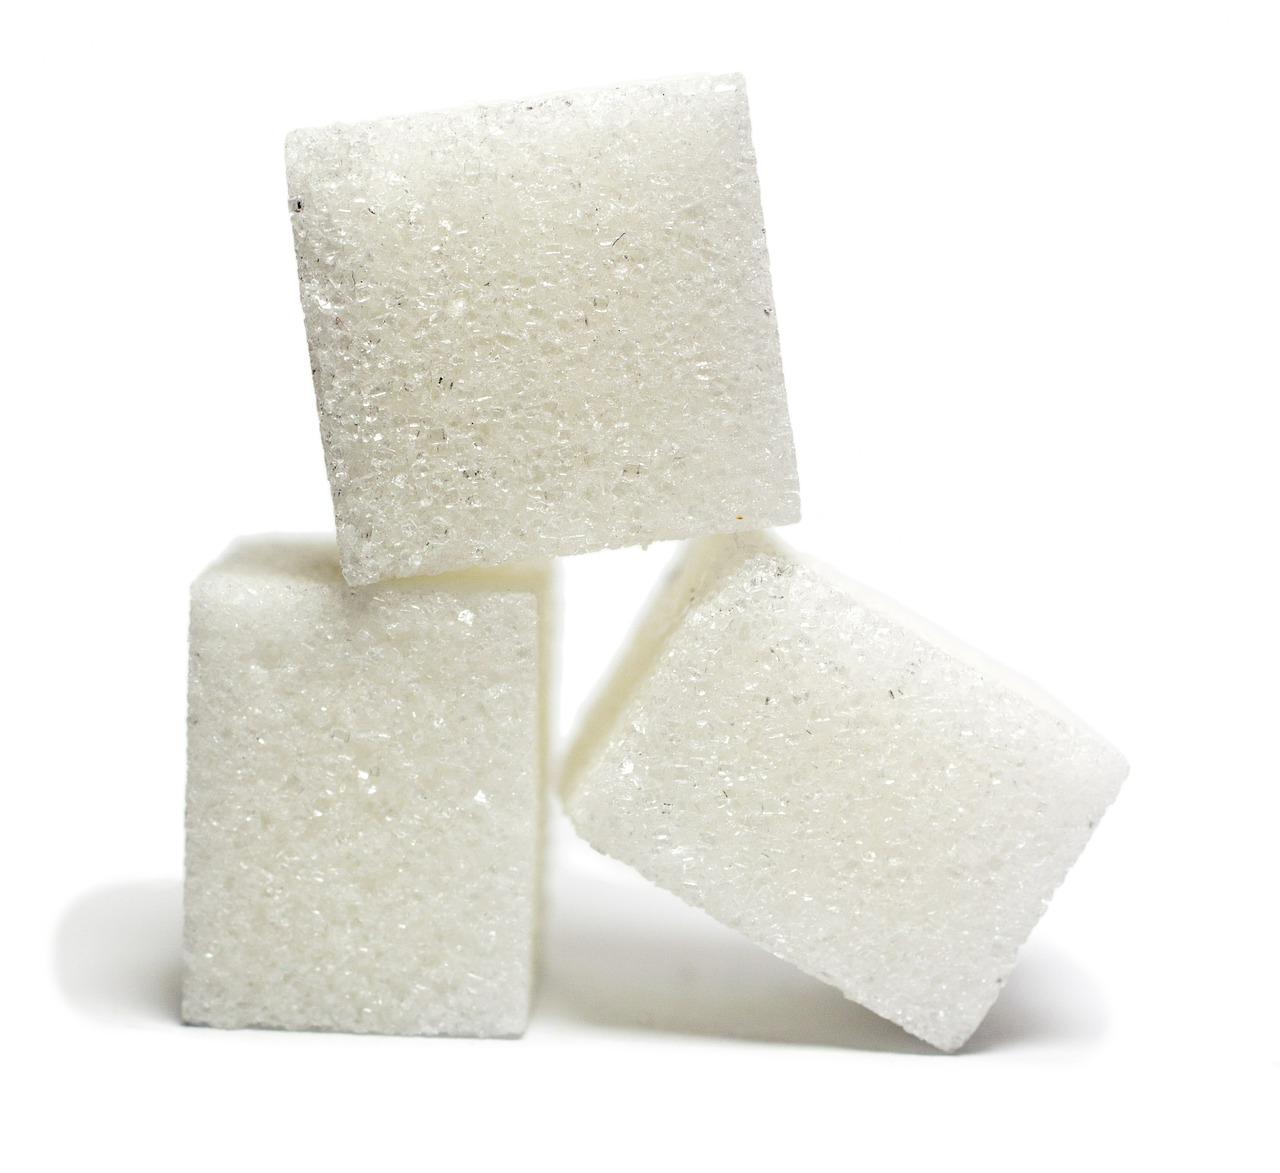 きび砂糖と甜菜糖 使うならどっちが良い?どちらがオススメなのか?